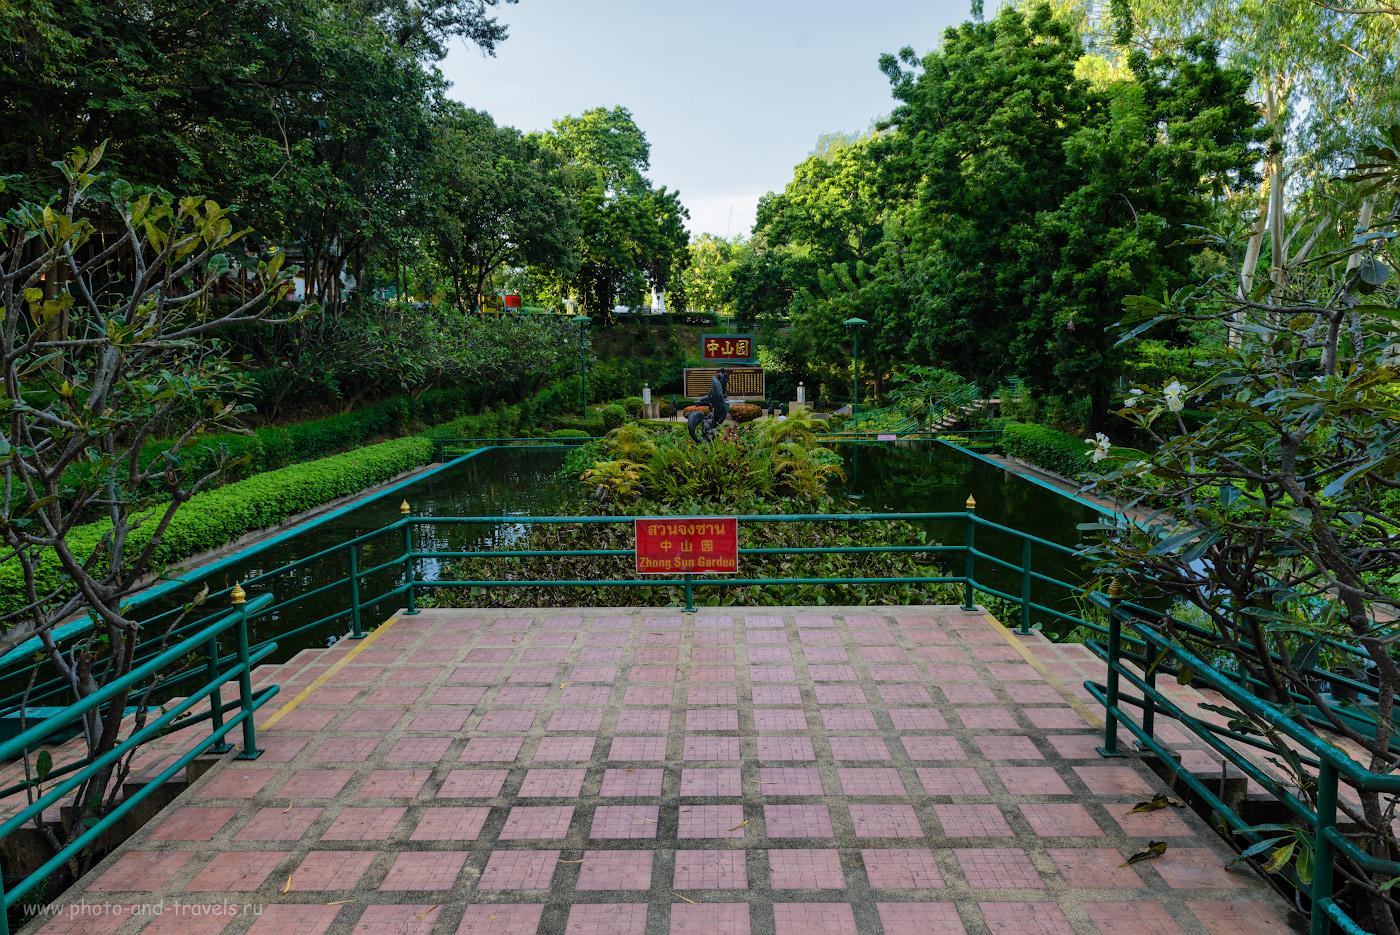 Фотография 9. Сад Zhong Sun Gardens в парке Wang Sam Sien у подножья Биг Будды. Какие достопримечательности можно посмотреть в Паттайе самостоятельно. 1/60, -1.0, 8.0, 100, 24.